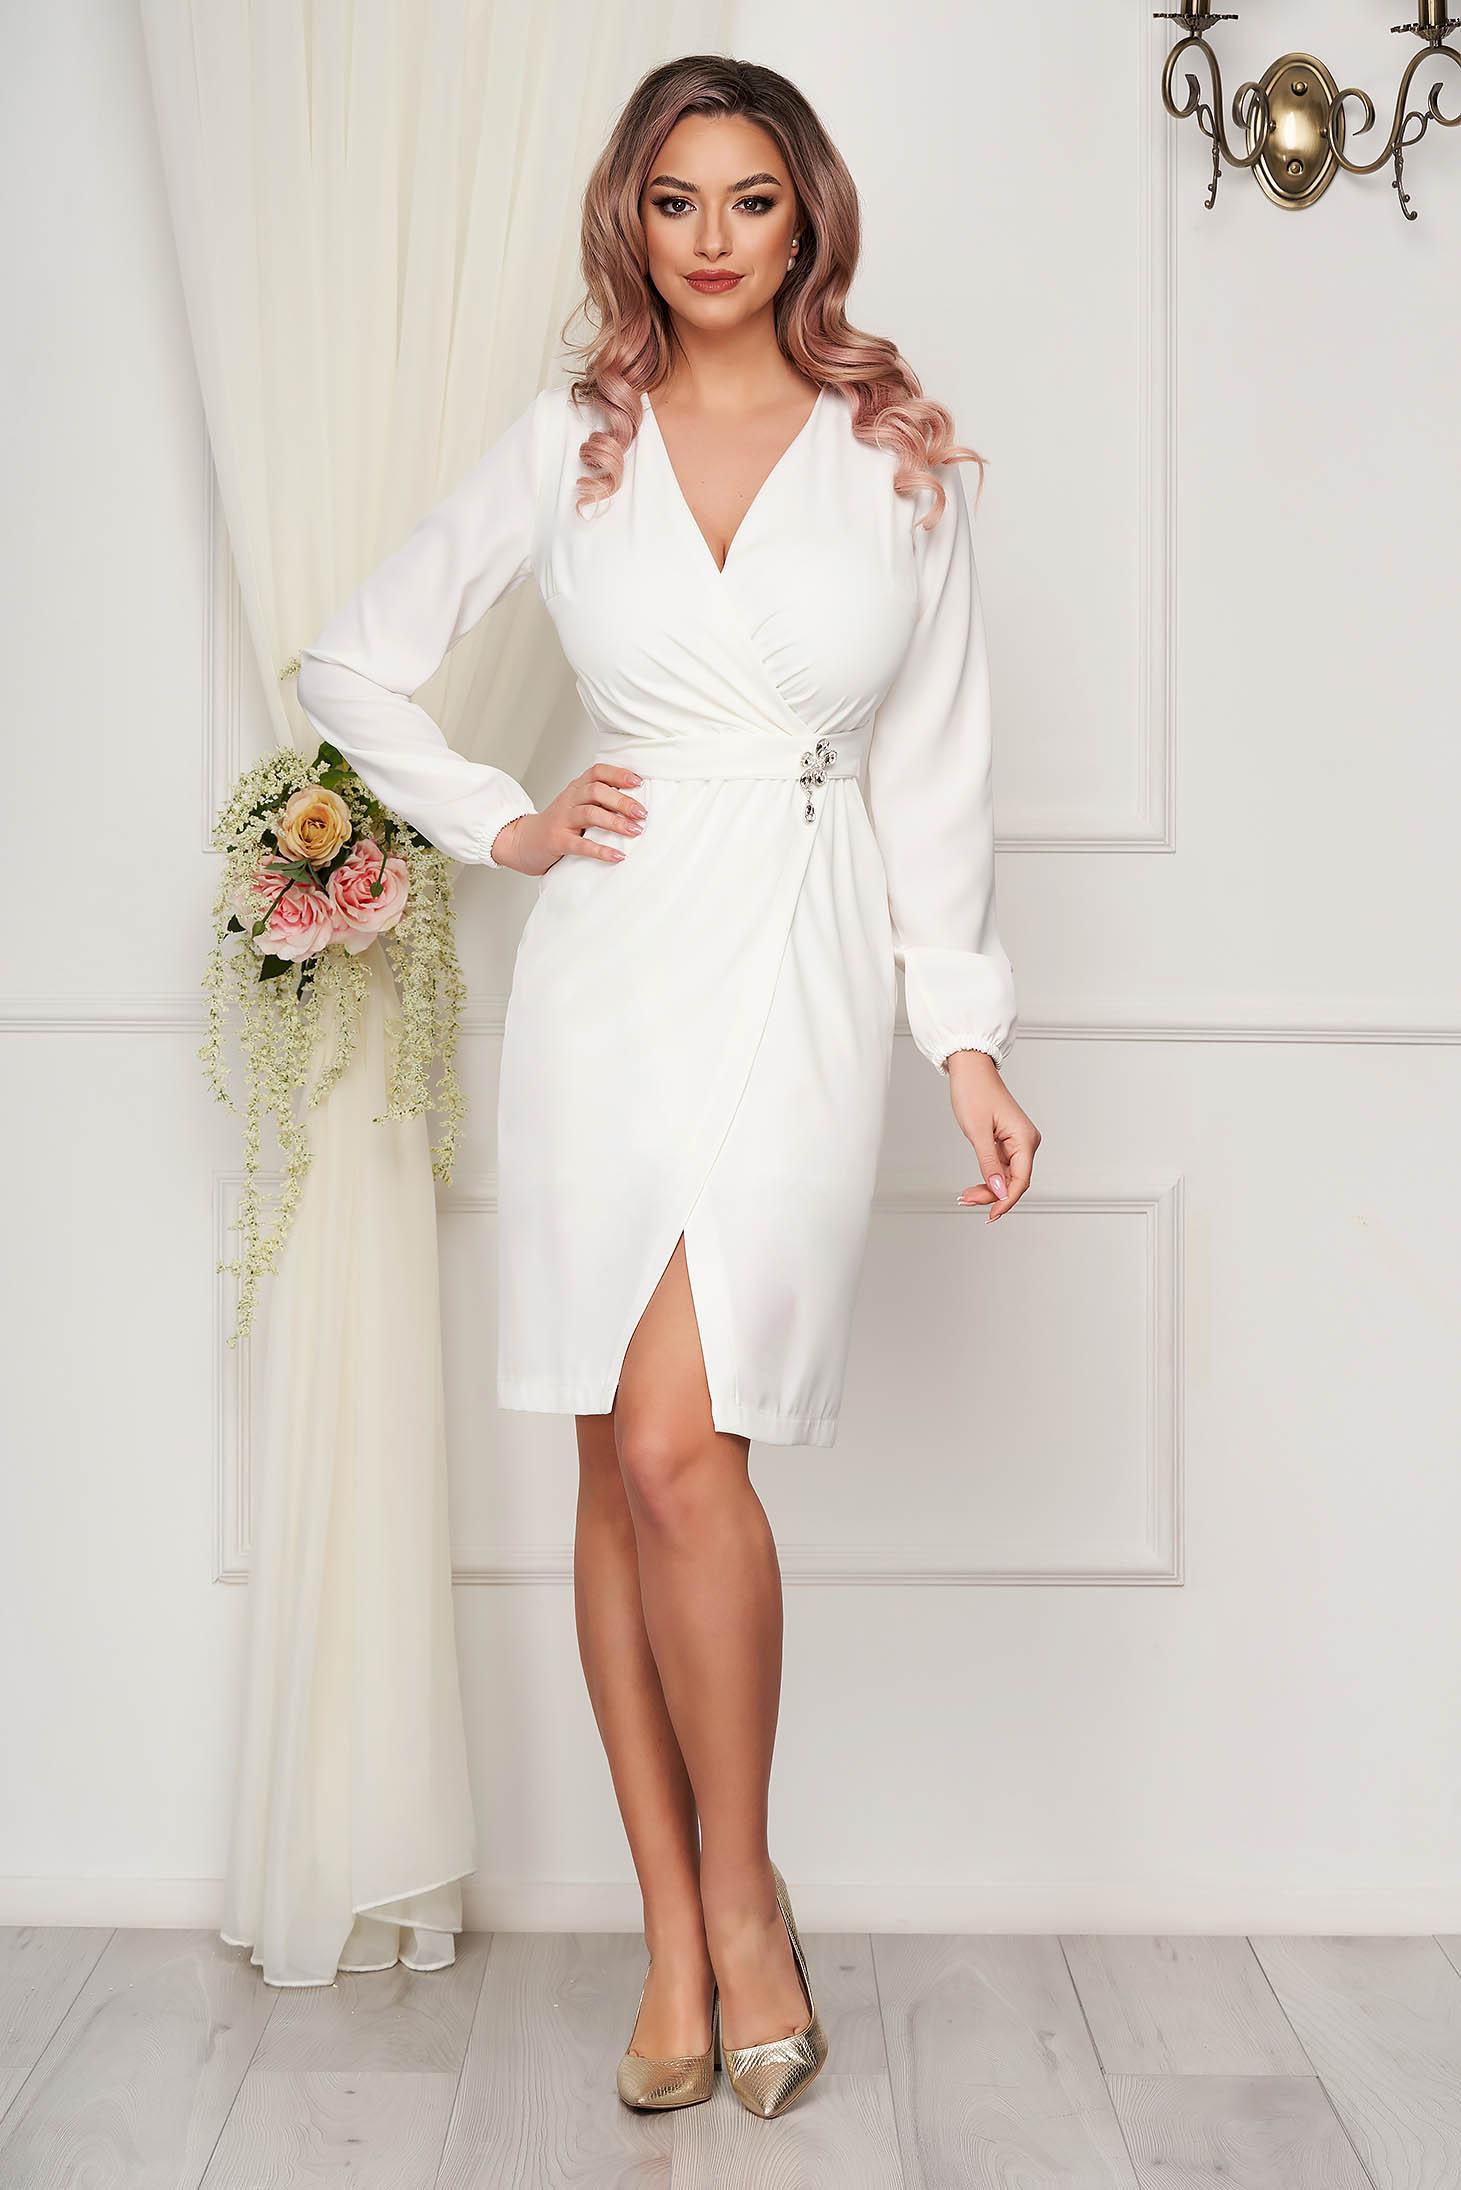 Fehér StarShinerS alkalmi átlapolt tipusú egyenes könnyű ruha szövetből